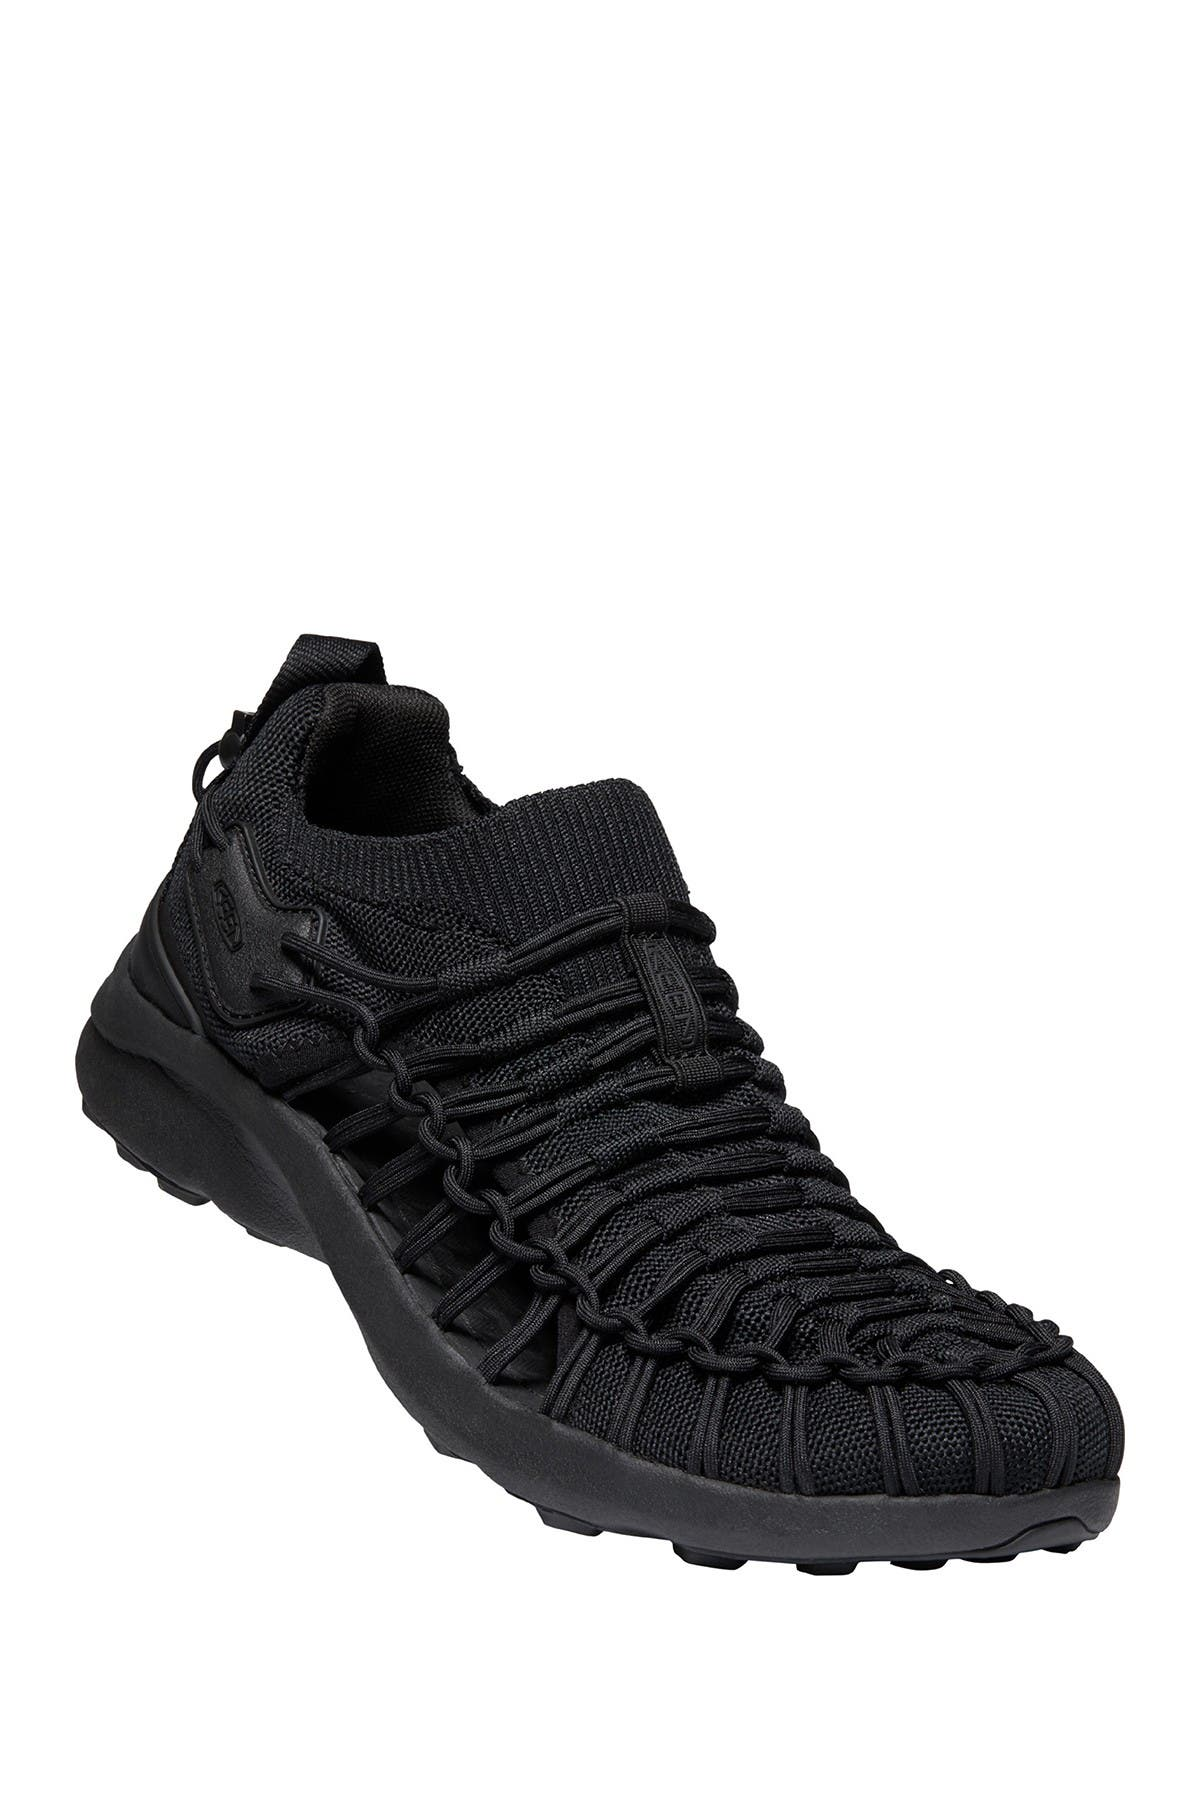 Image of Keen Uneek Slip-On Sneaker